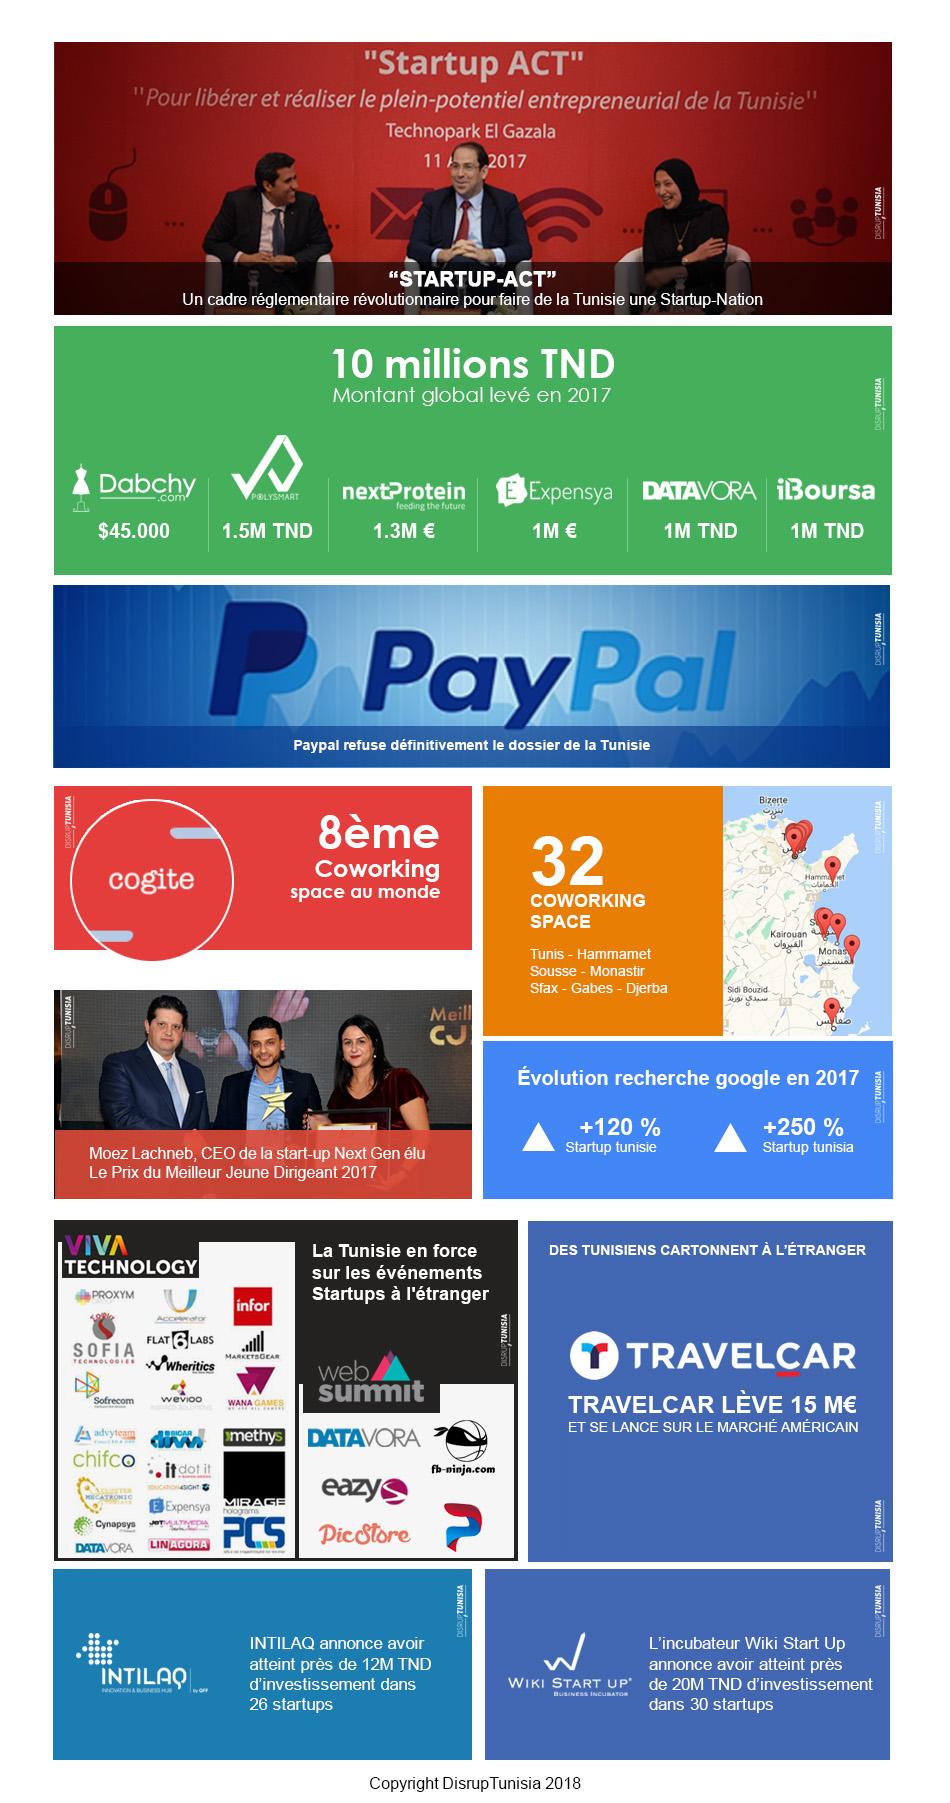 resume de l'année 2017 des startups tunisiennes